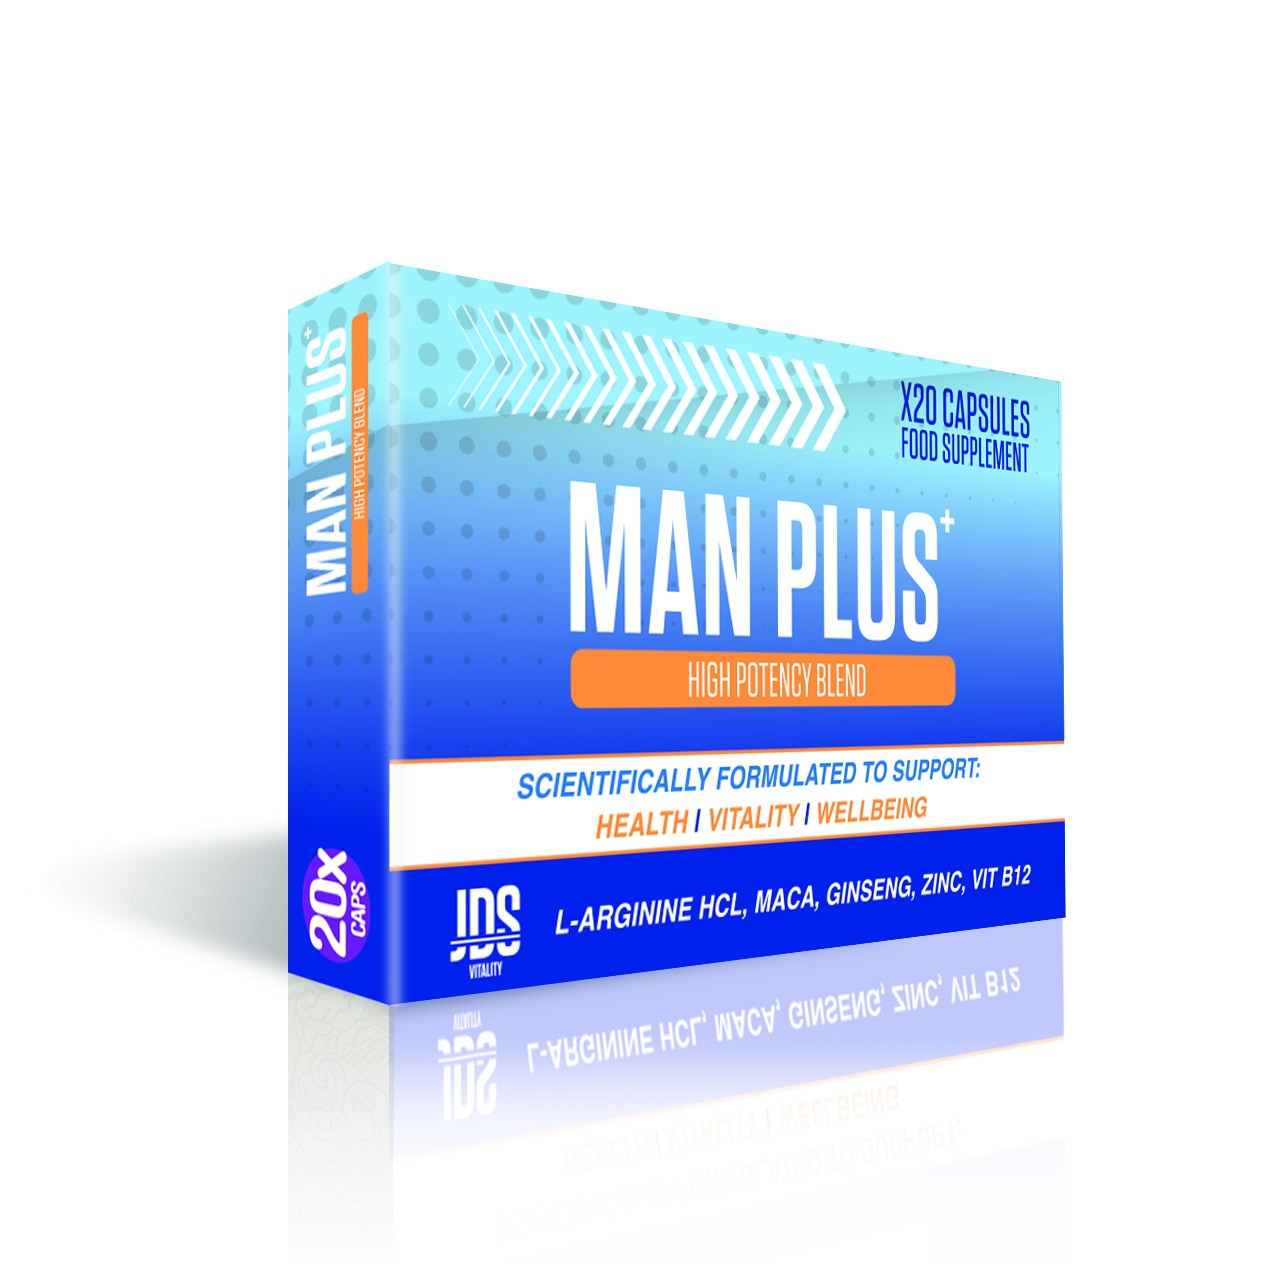 produse pentru o erecție lungă cele mai mici penisuri la bărbați